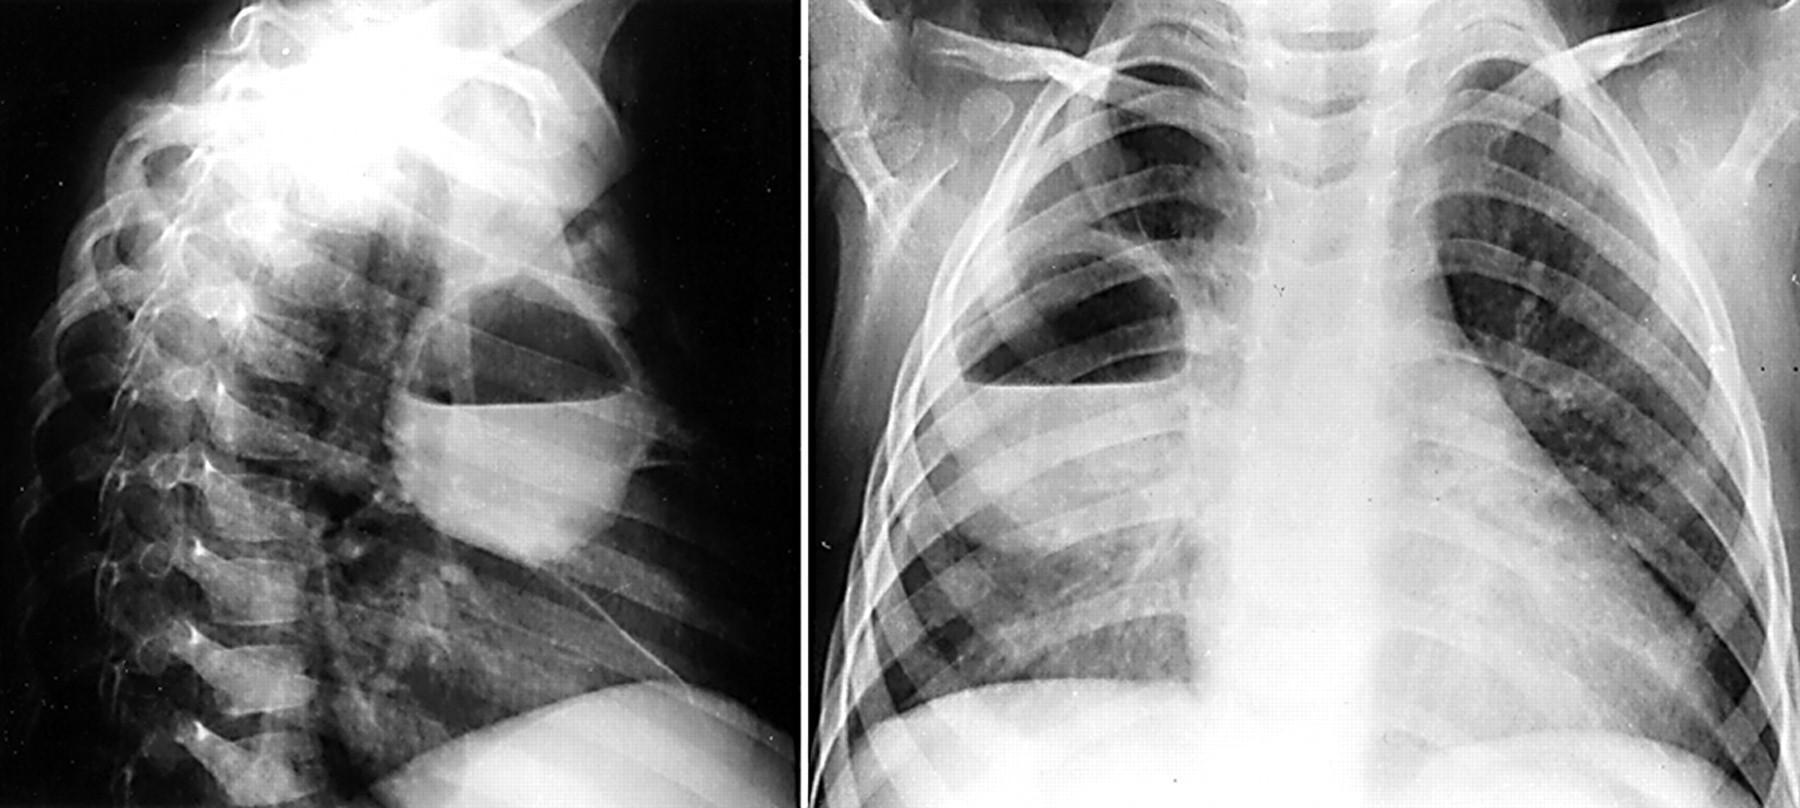 Lung abscess 66